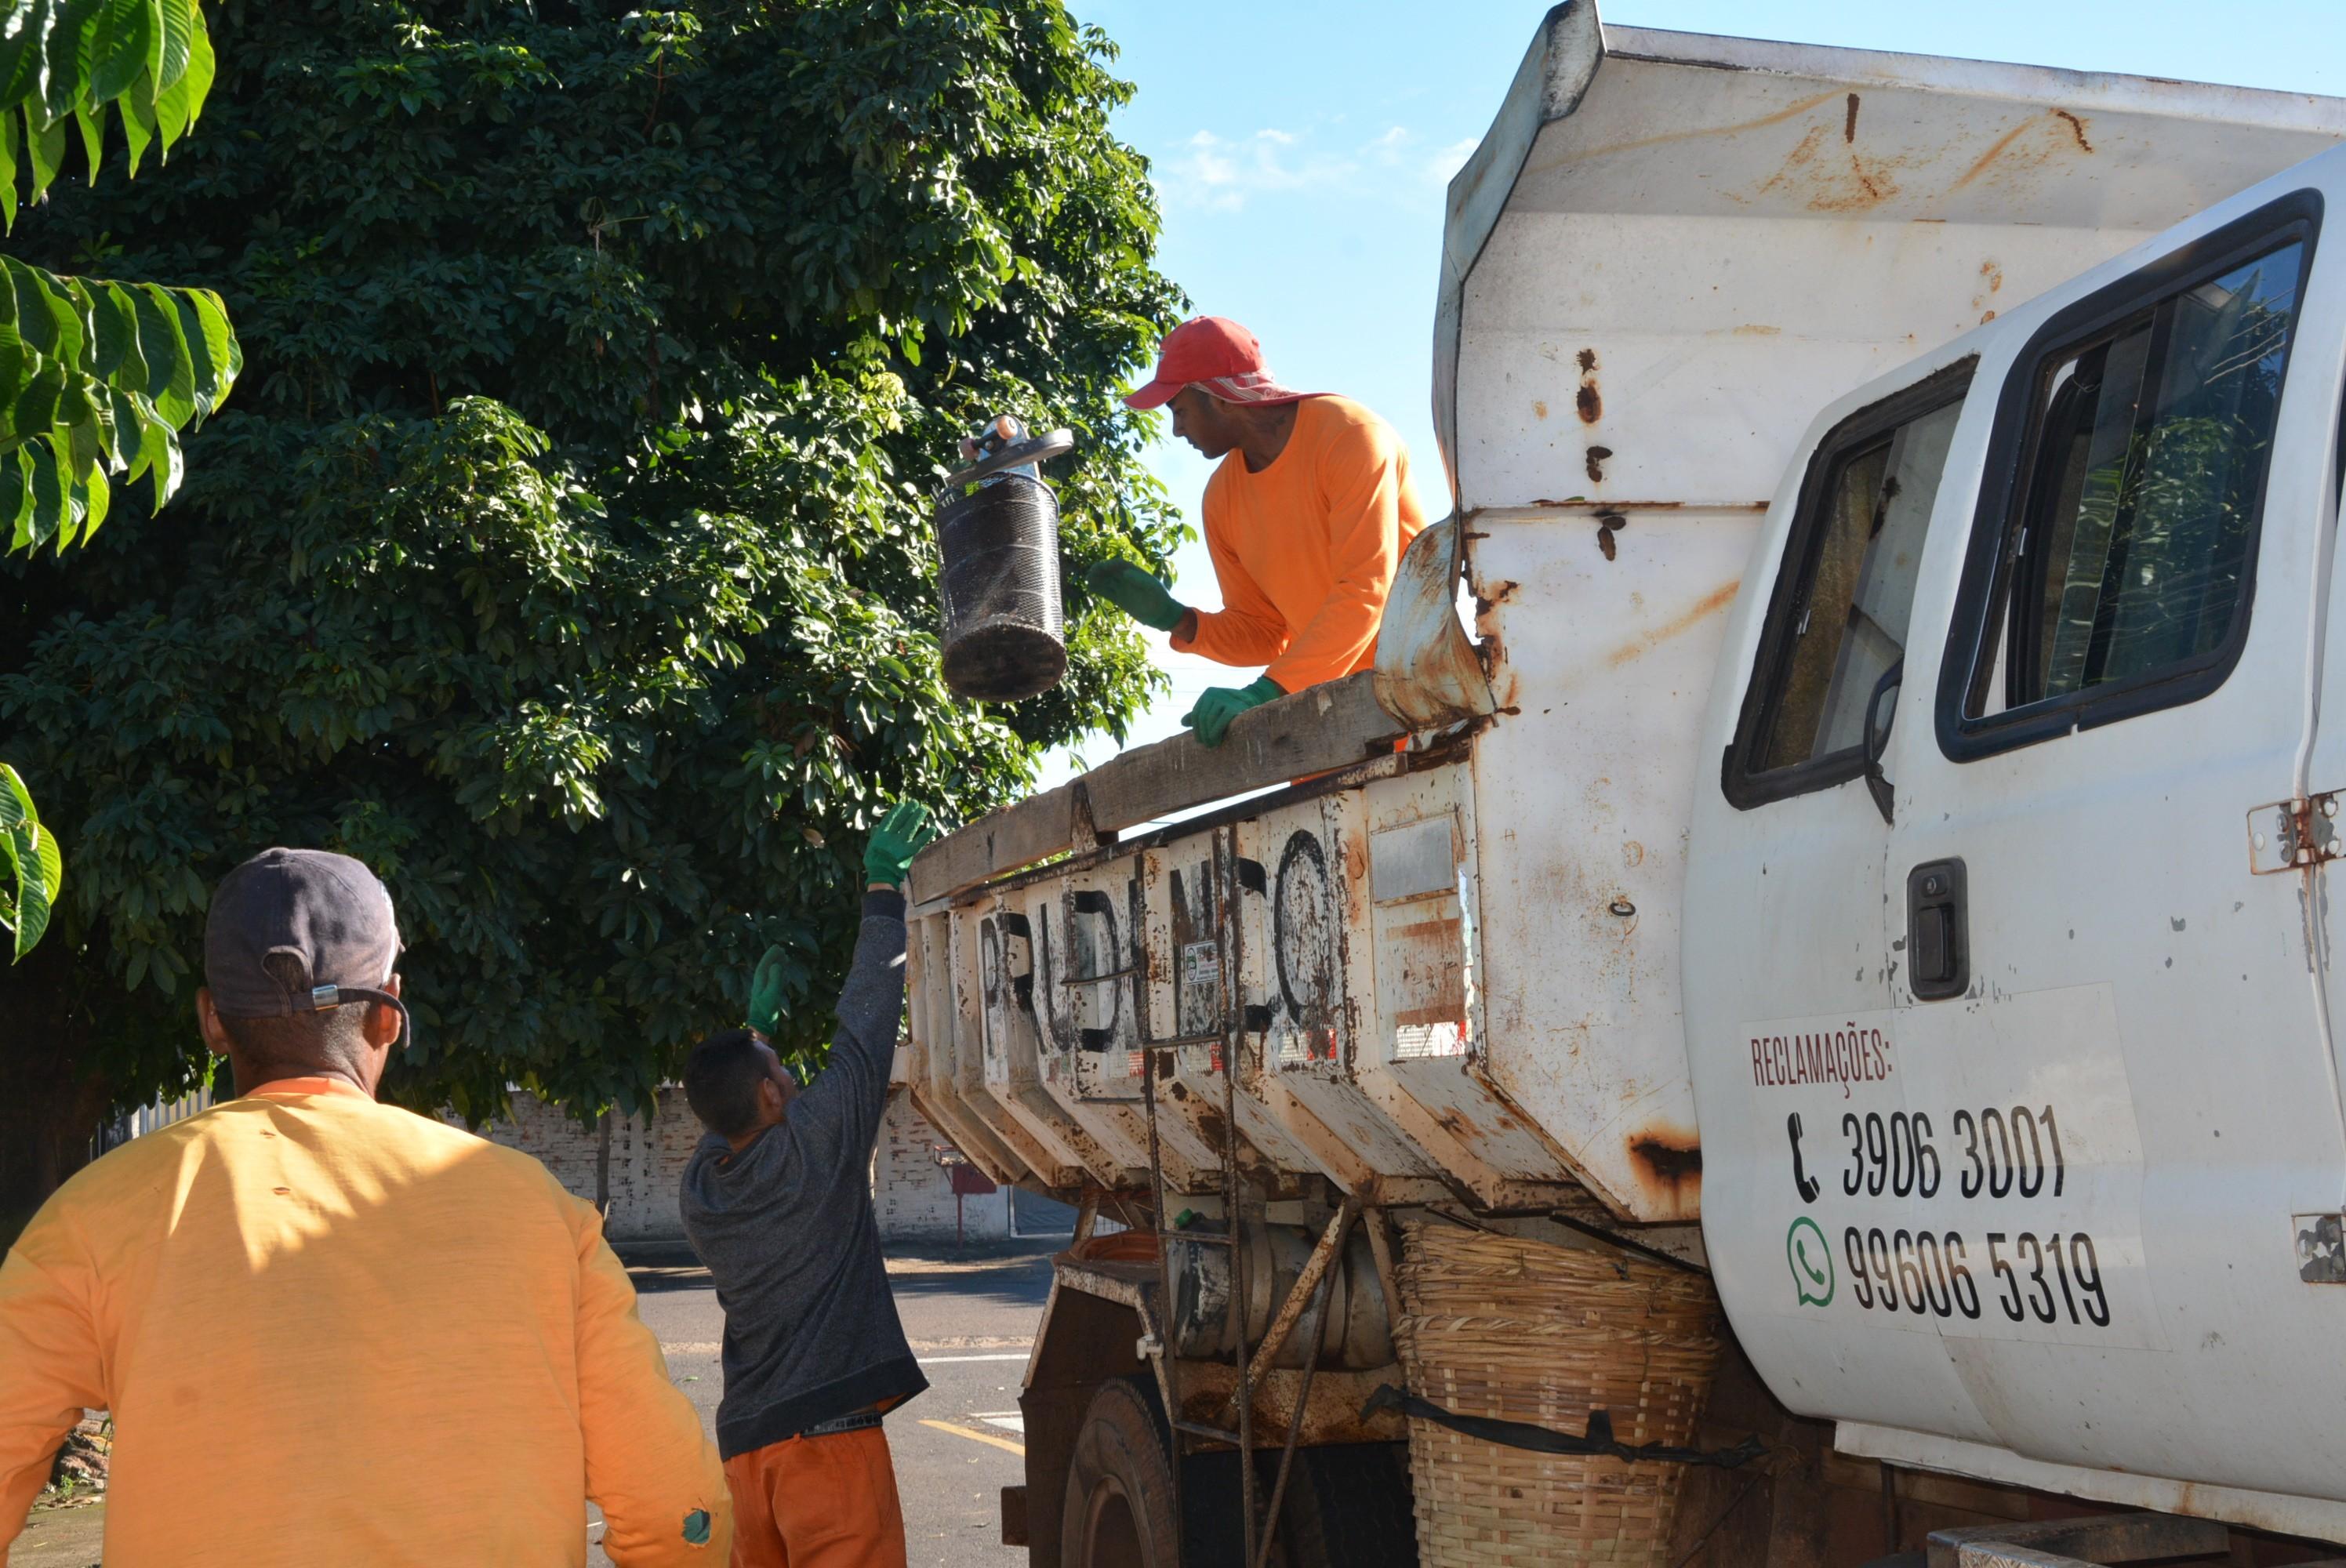 Arrastão contra a dengue recolhe 27 caminhões de lixo em bairros da zona leste de Presidente Prudente - Noticias